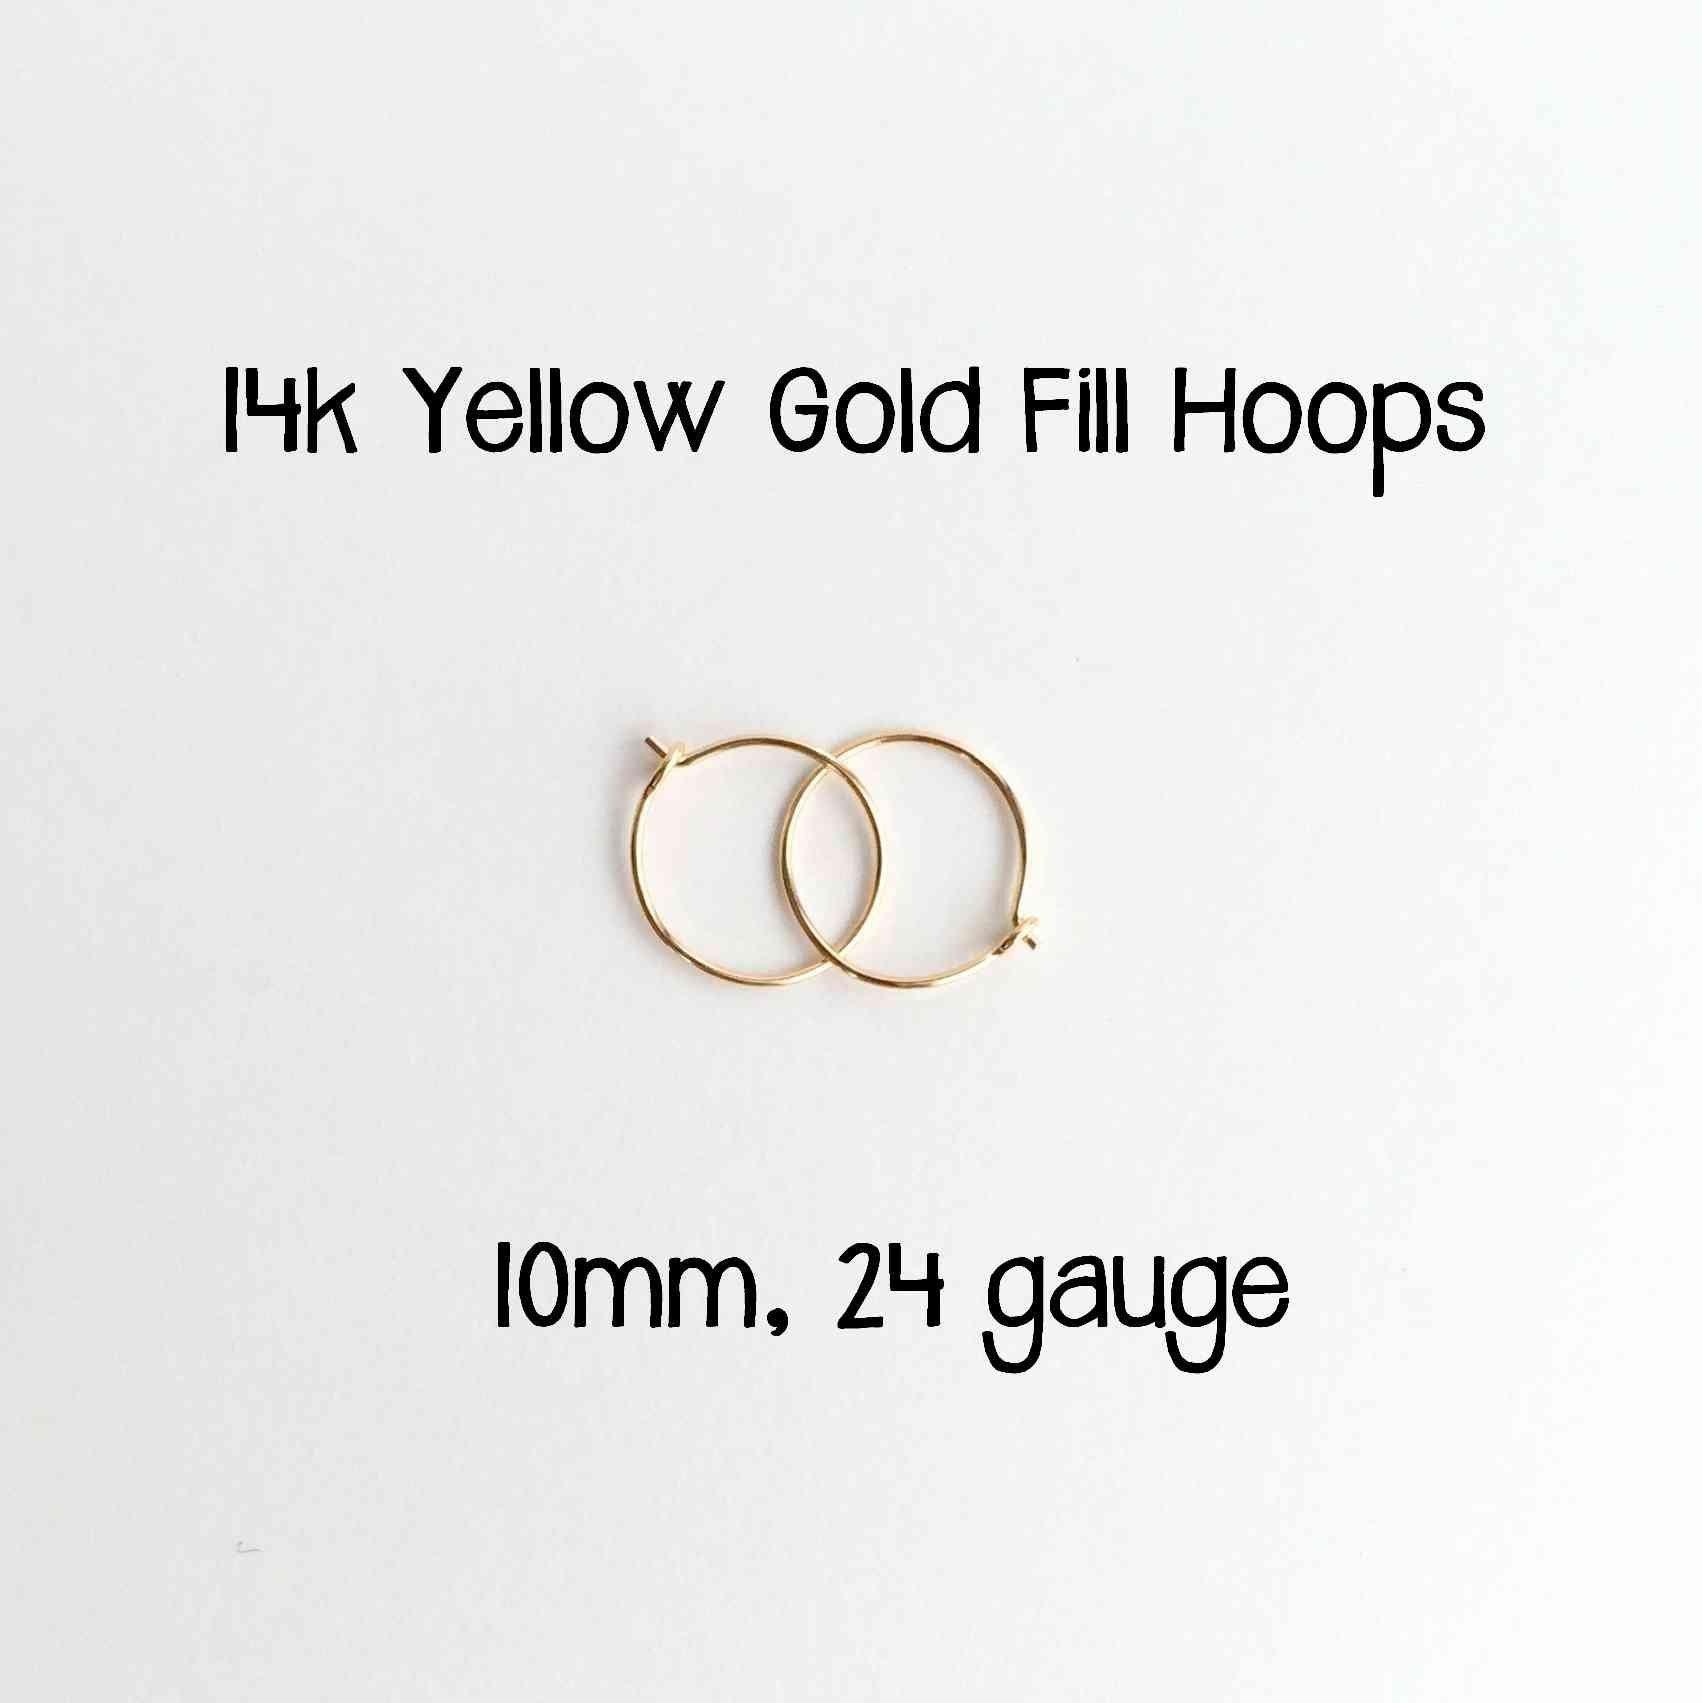 Little Hoop Earrings. 14k Yellow Gold Fill Hoops. 10mm, 24 gauge Made by hand.